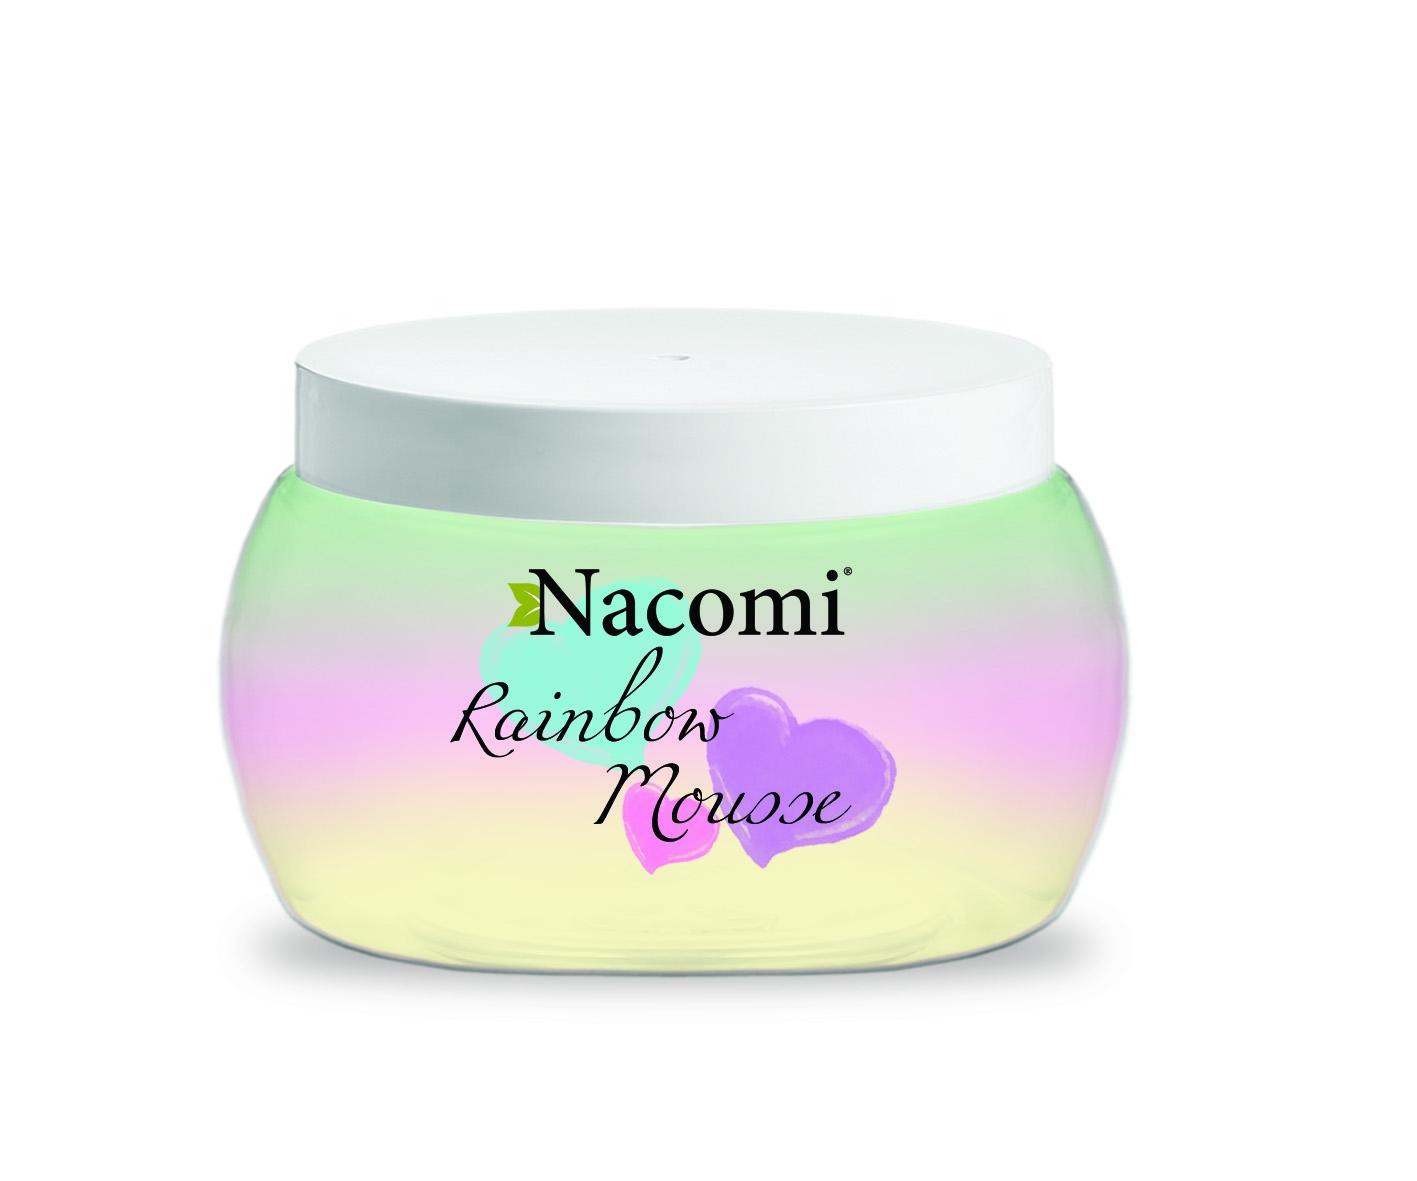 Nacomi Rainbow Mousse (W) tęczowy mus do ciała 200ml